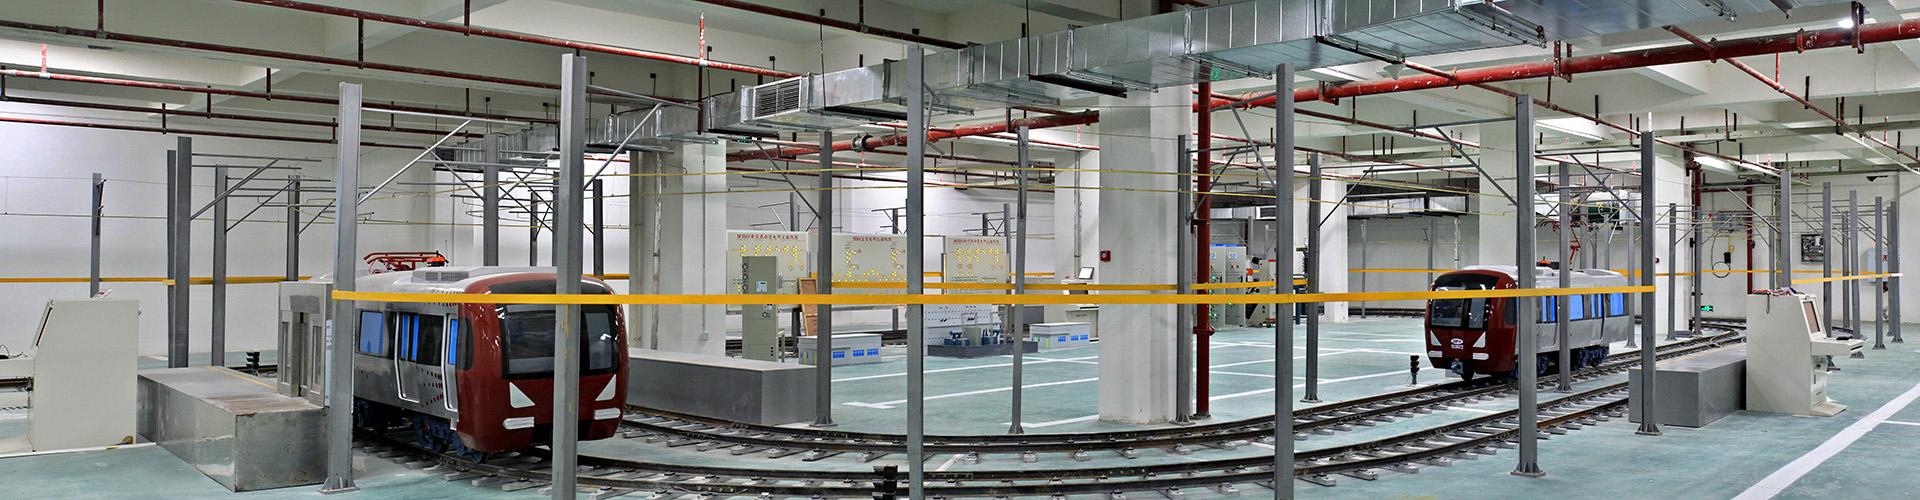 湖南高铁时代数字化科技有限公司